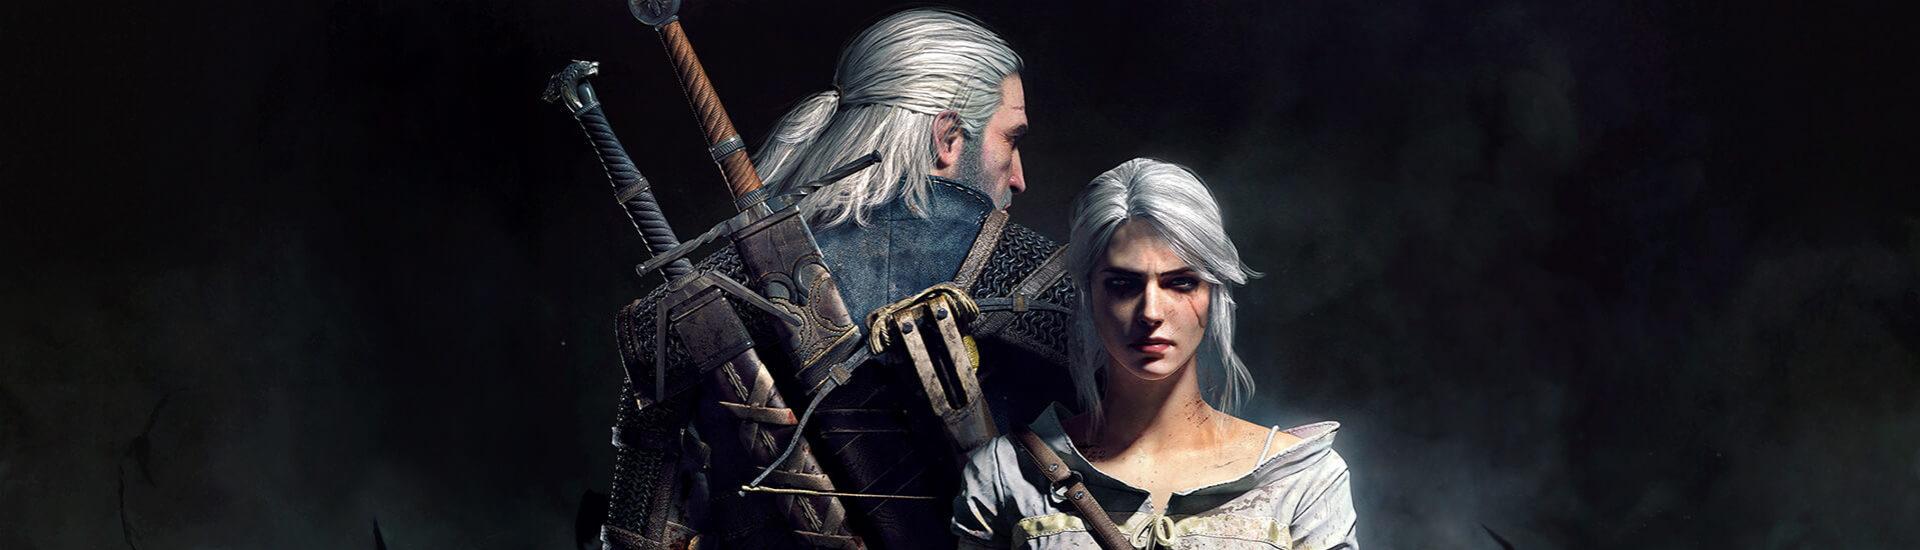 The Witcher 3: Next Gen-Update noch 2021